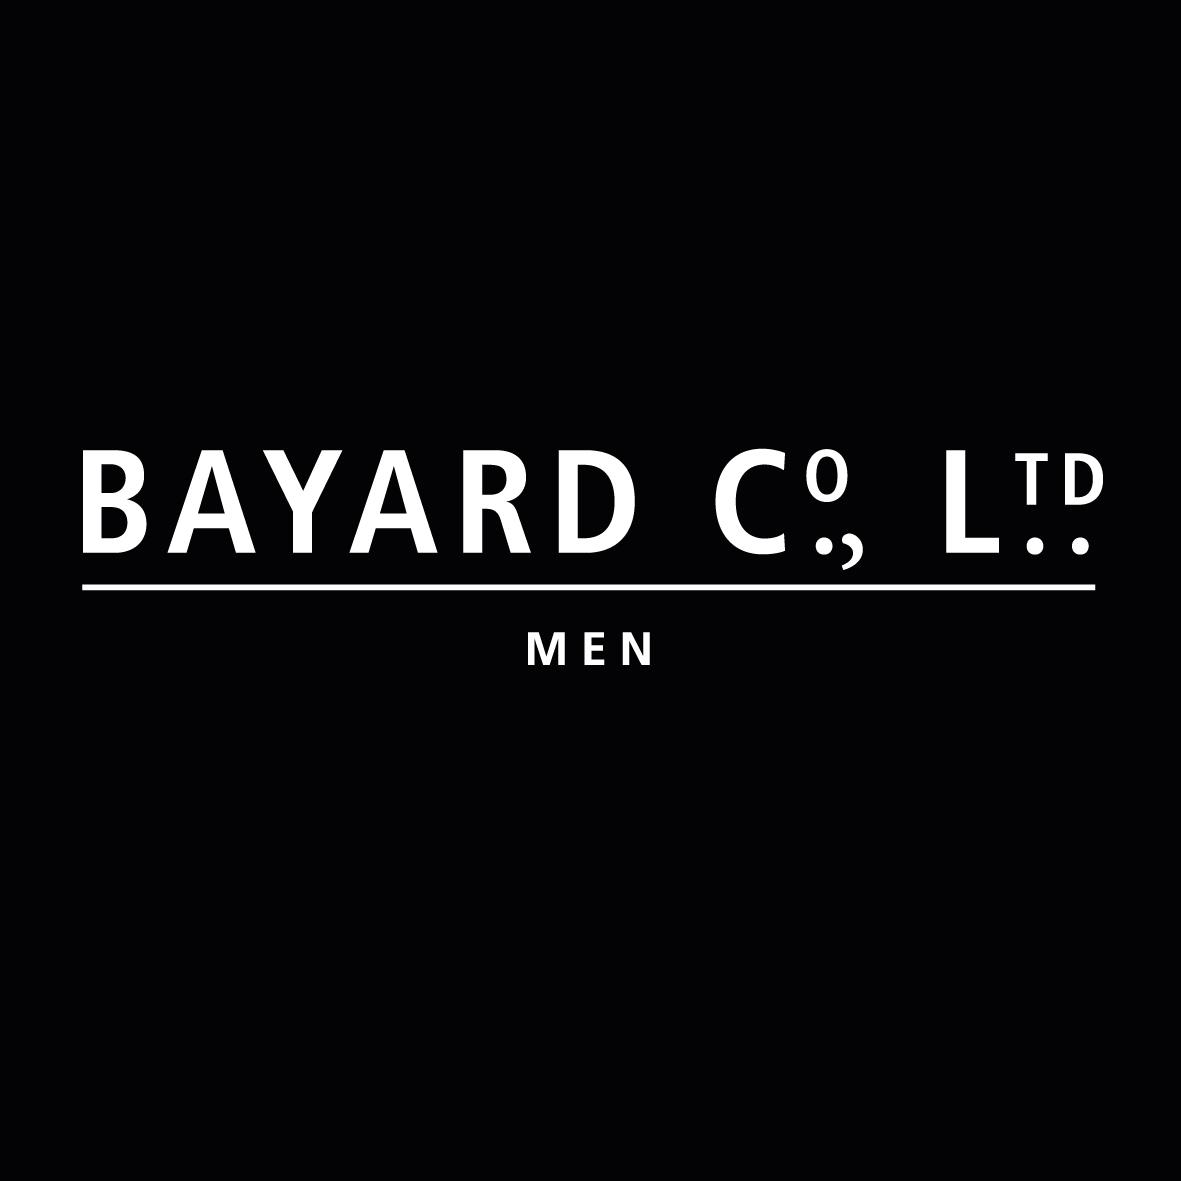 BAYARD CO LTD MEN